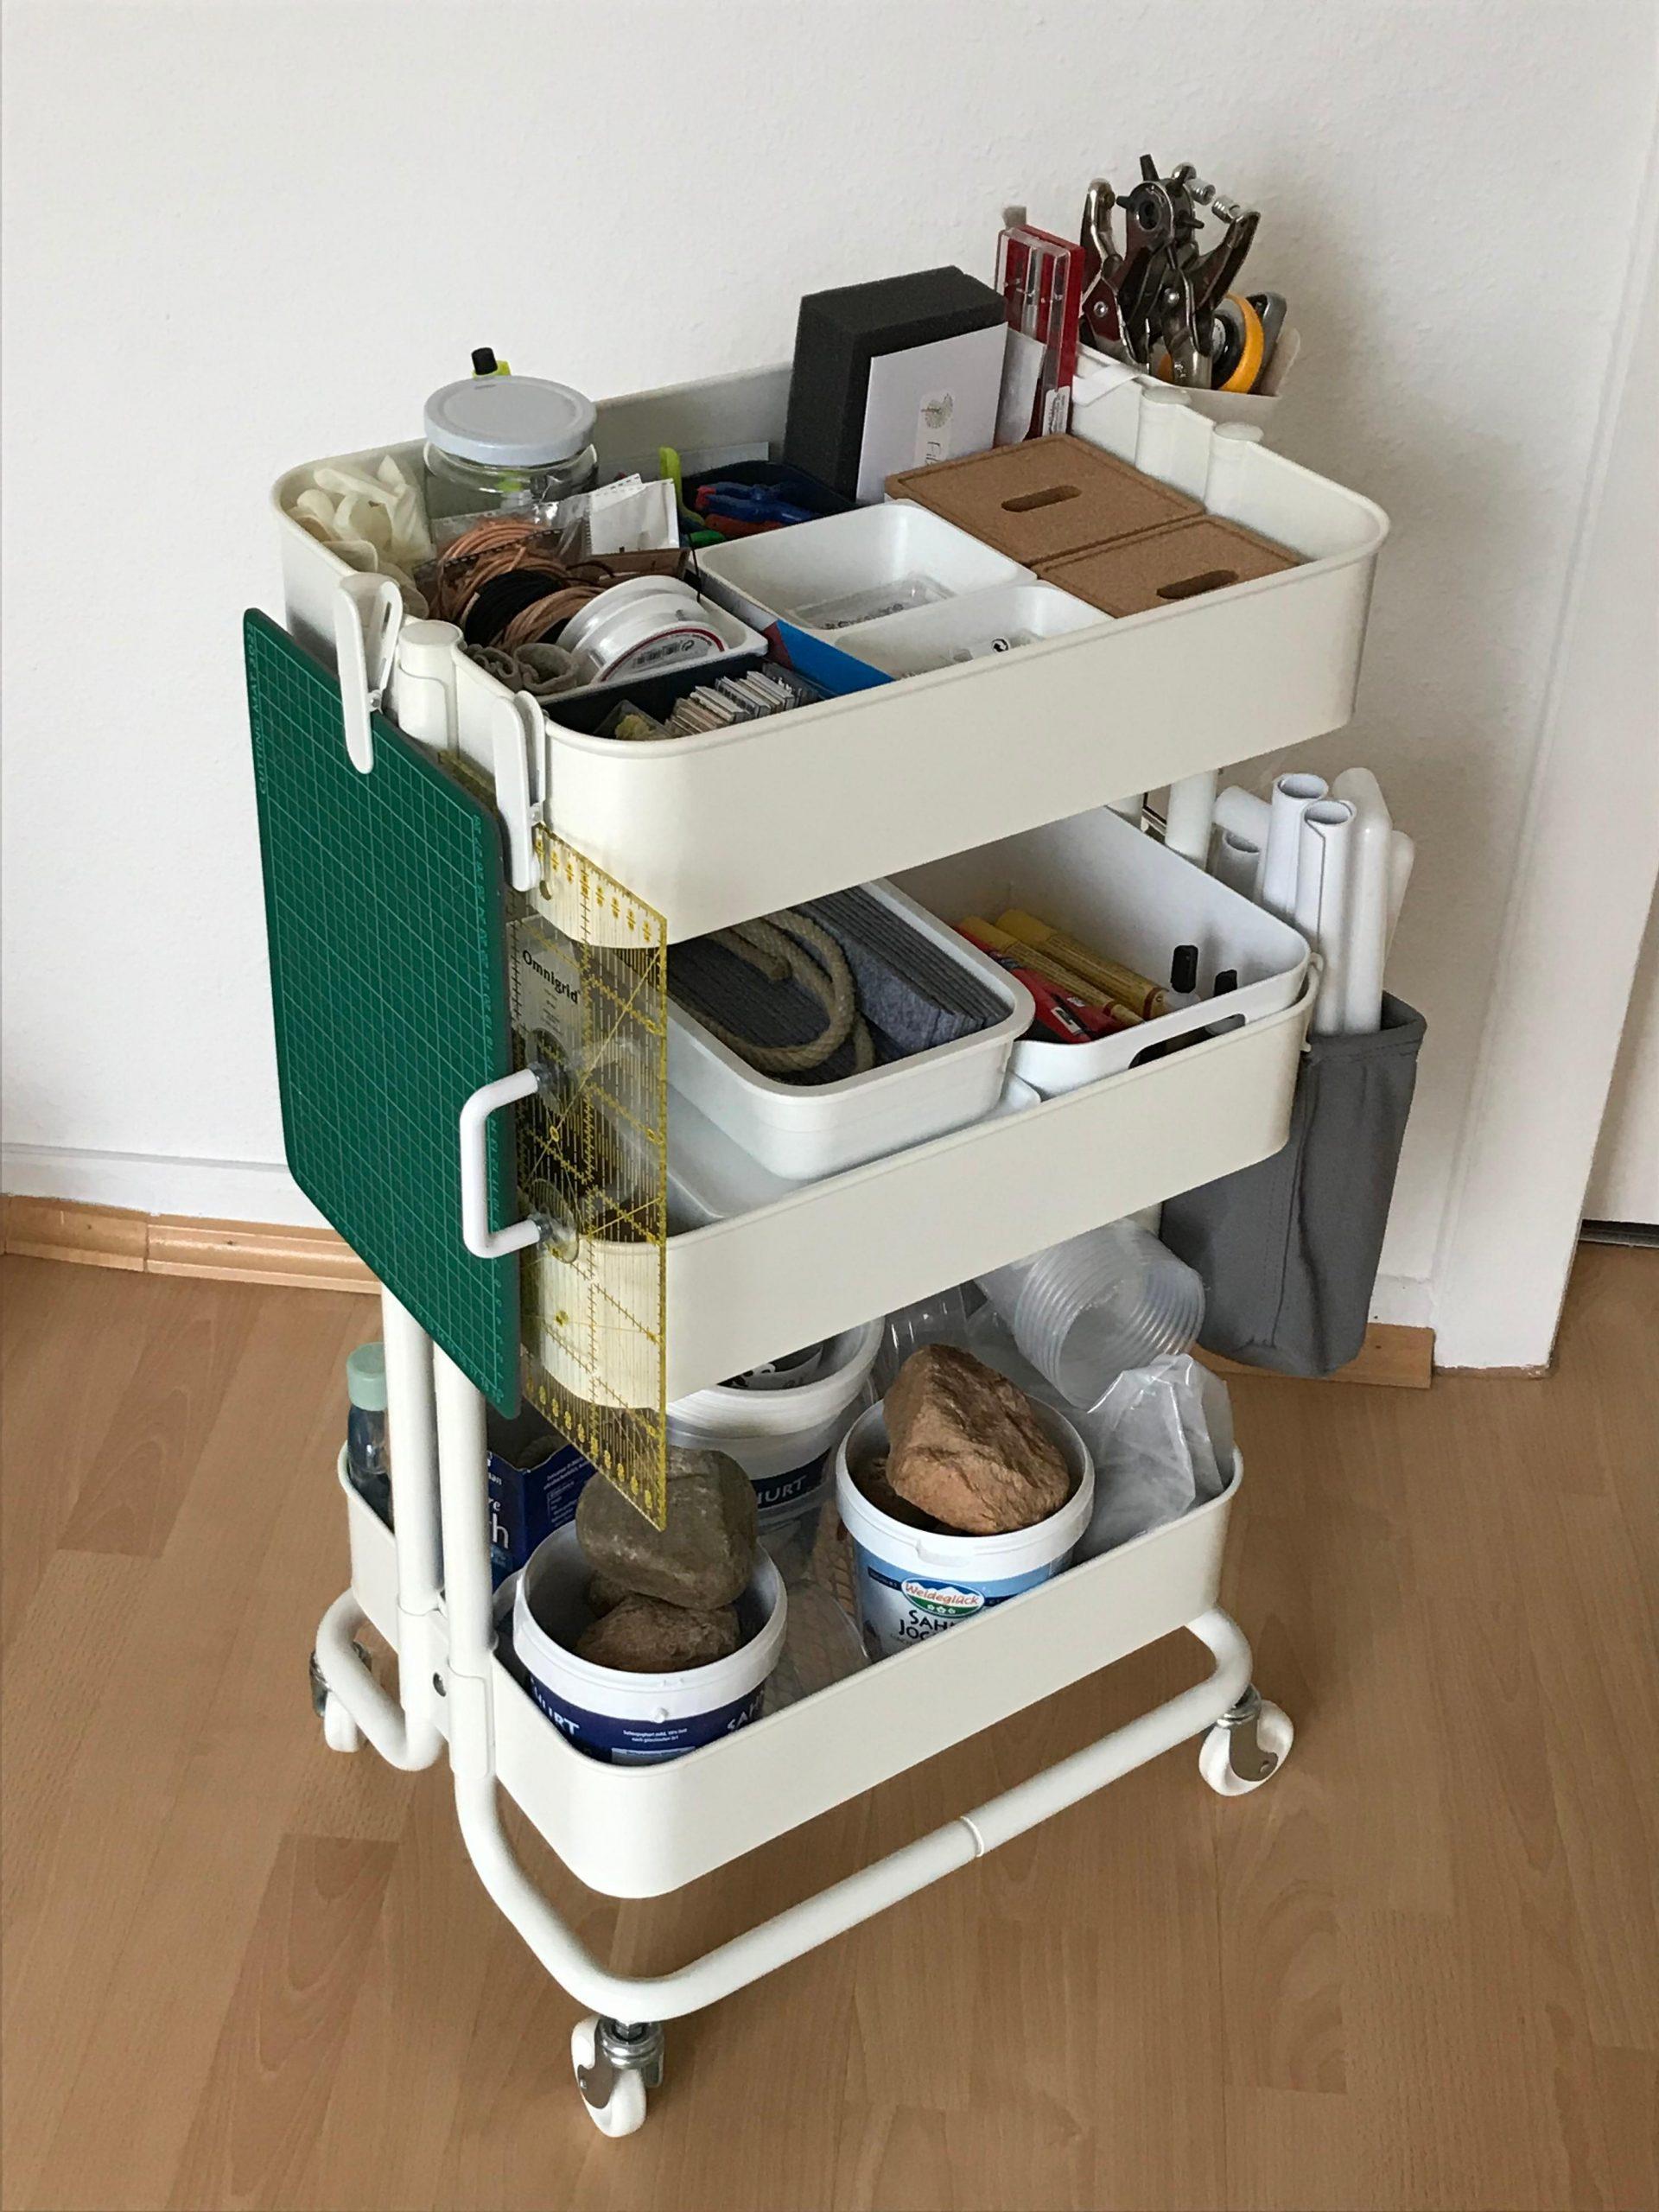 Full Size of Endlich Habe Ich Utensilien Zum Basteln Geordne Ikea Küche Kosten Betten Bei Rollwagen Bad Miniküche Sofa Mit Schlaffunktion 160x200 Kaufen Modulküche Wohnzimmer Ikea Rollwagen